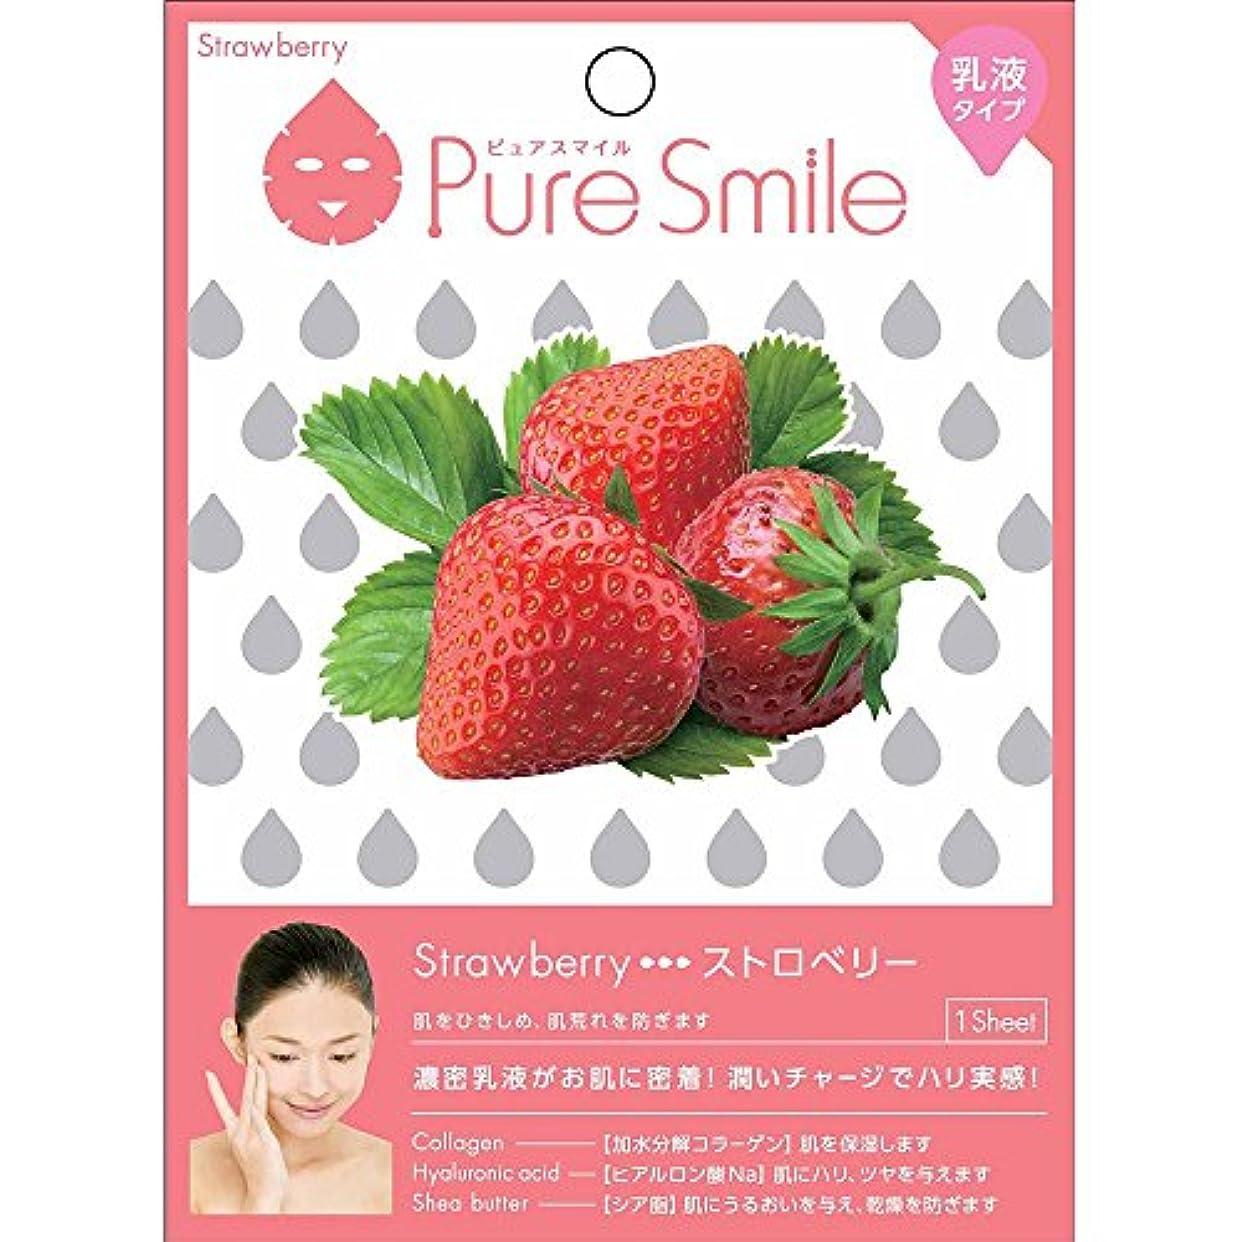 リンク因子プロポーショナルPure Smile/ピュアスマイル 乳液 エッセンス/フェイスマスク 『Strawberry/ストロベリー(苺)』